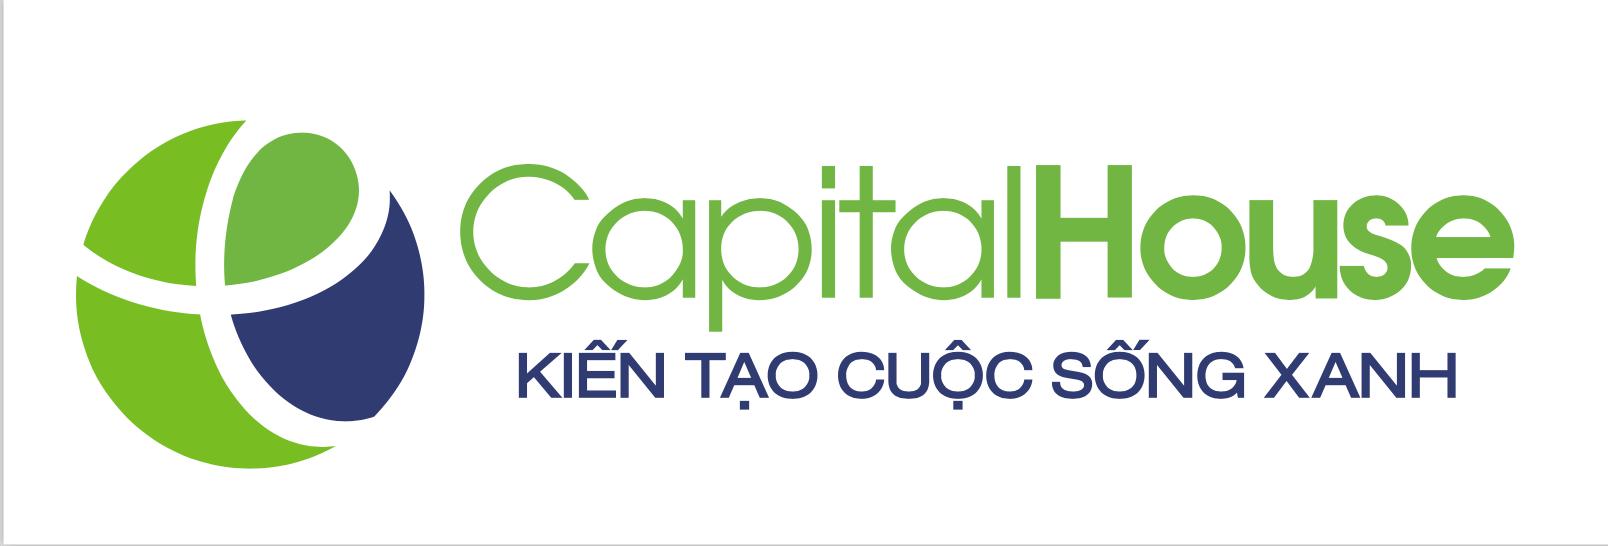 Capital-House-min